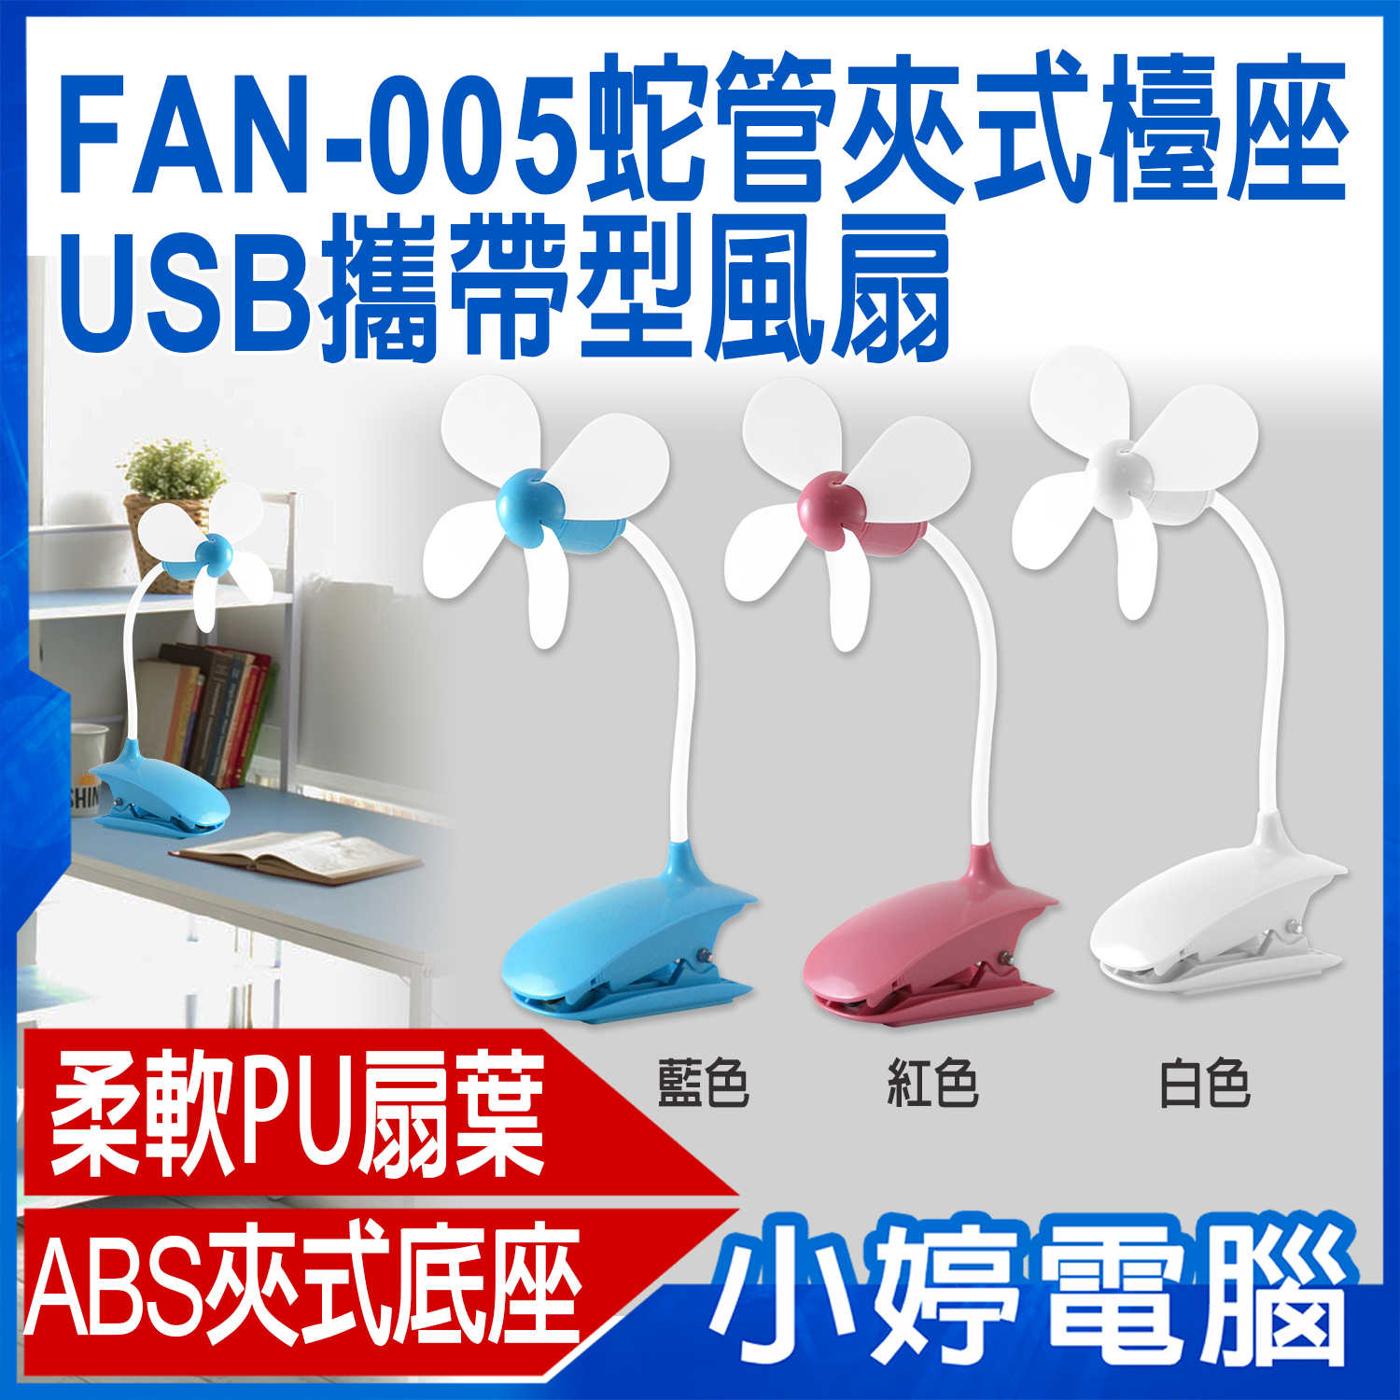 24期零利率全新FAN-005蛇管夾式檯座USB攜帶型風扇固定夾方便夾取柔軟PU扇葉